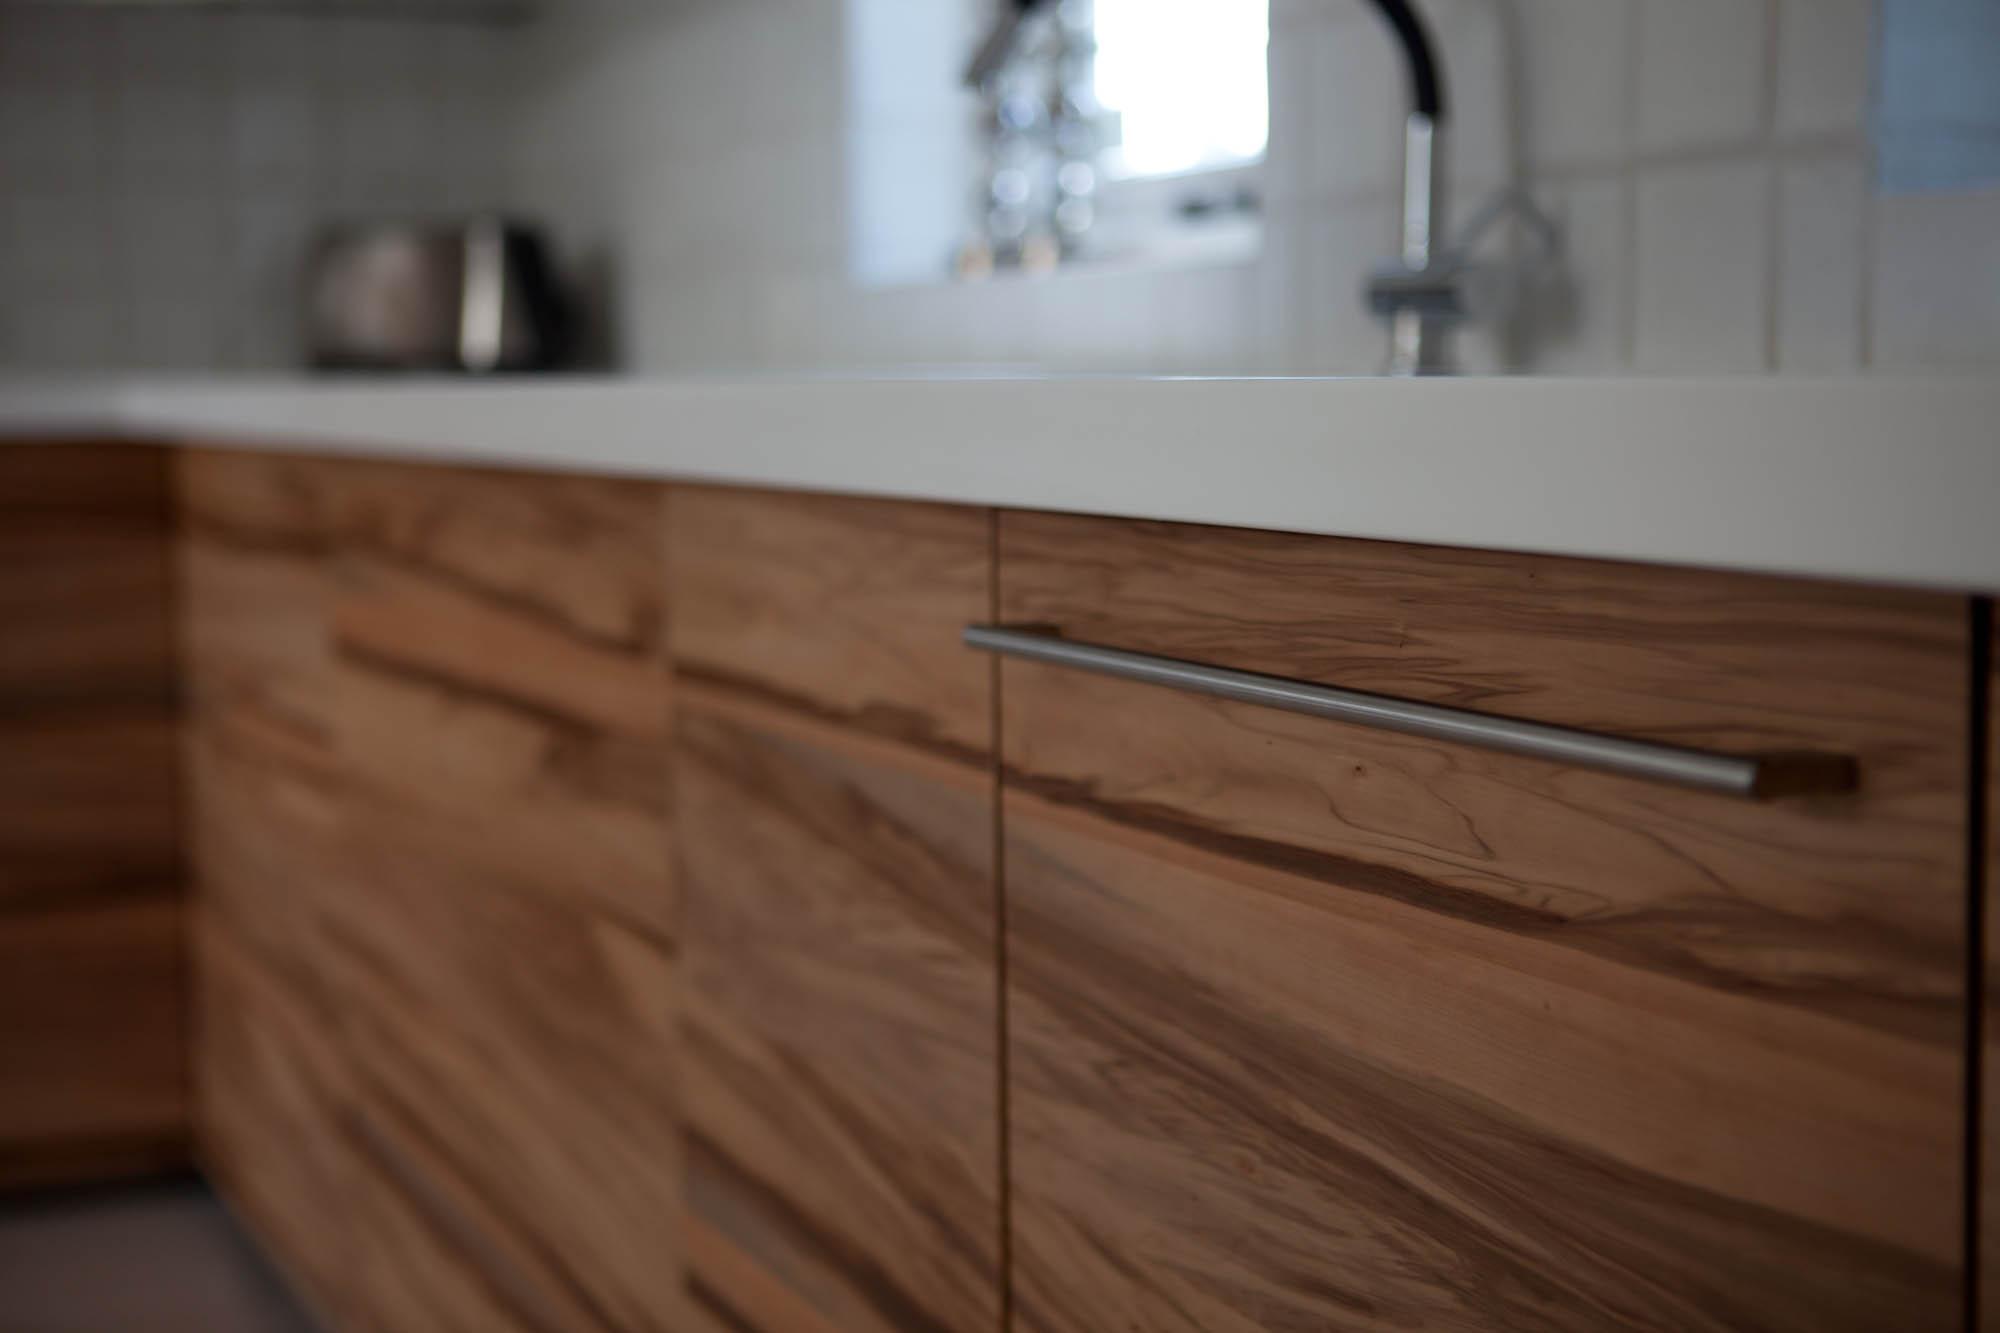 Keuken Corian Werkblad : Design keuken idee?n voorbeelden van design ...